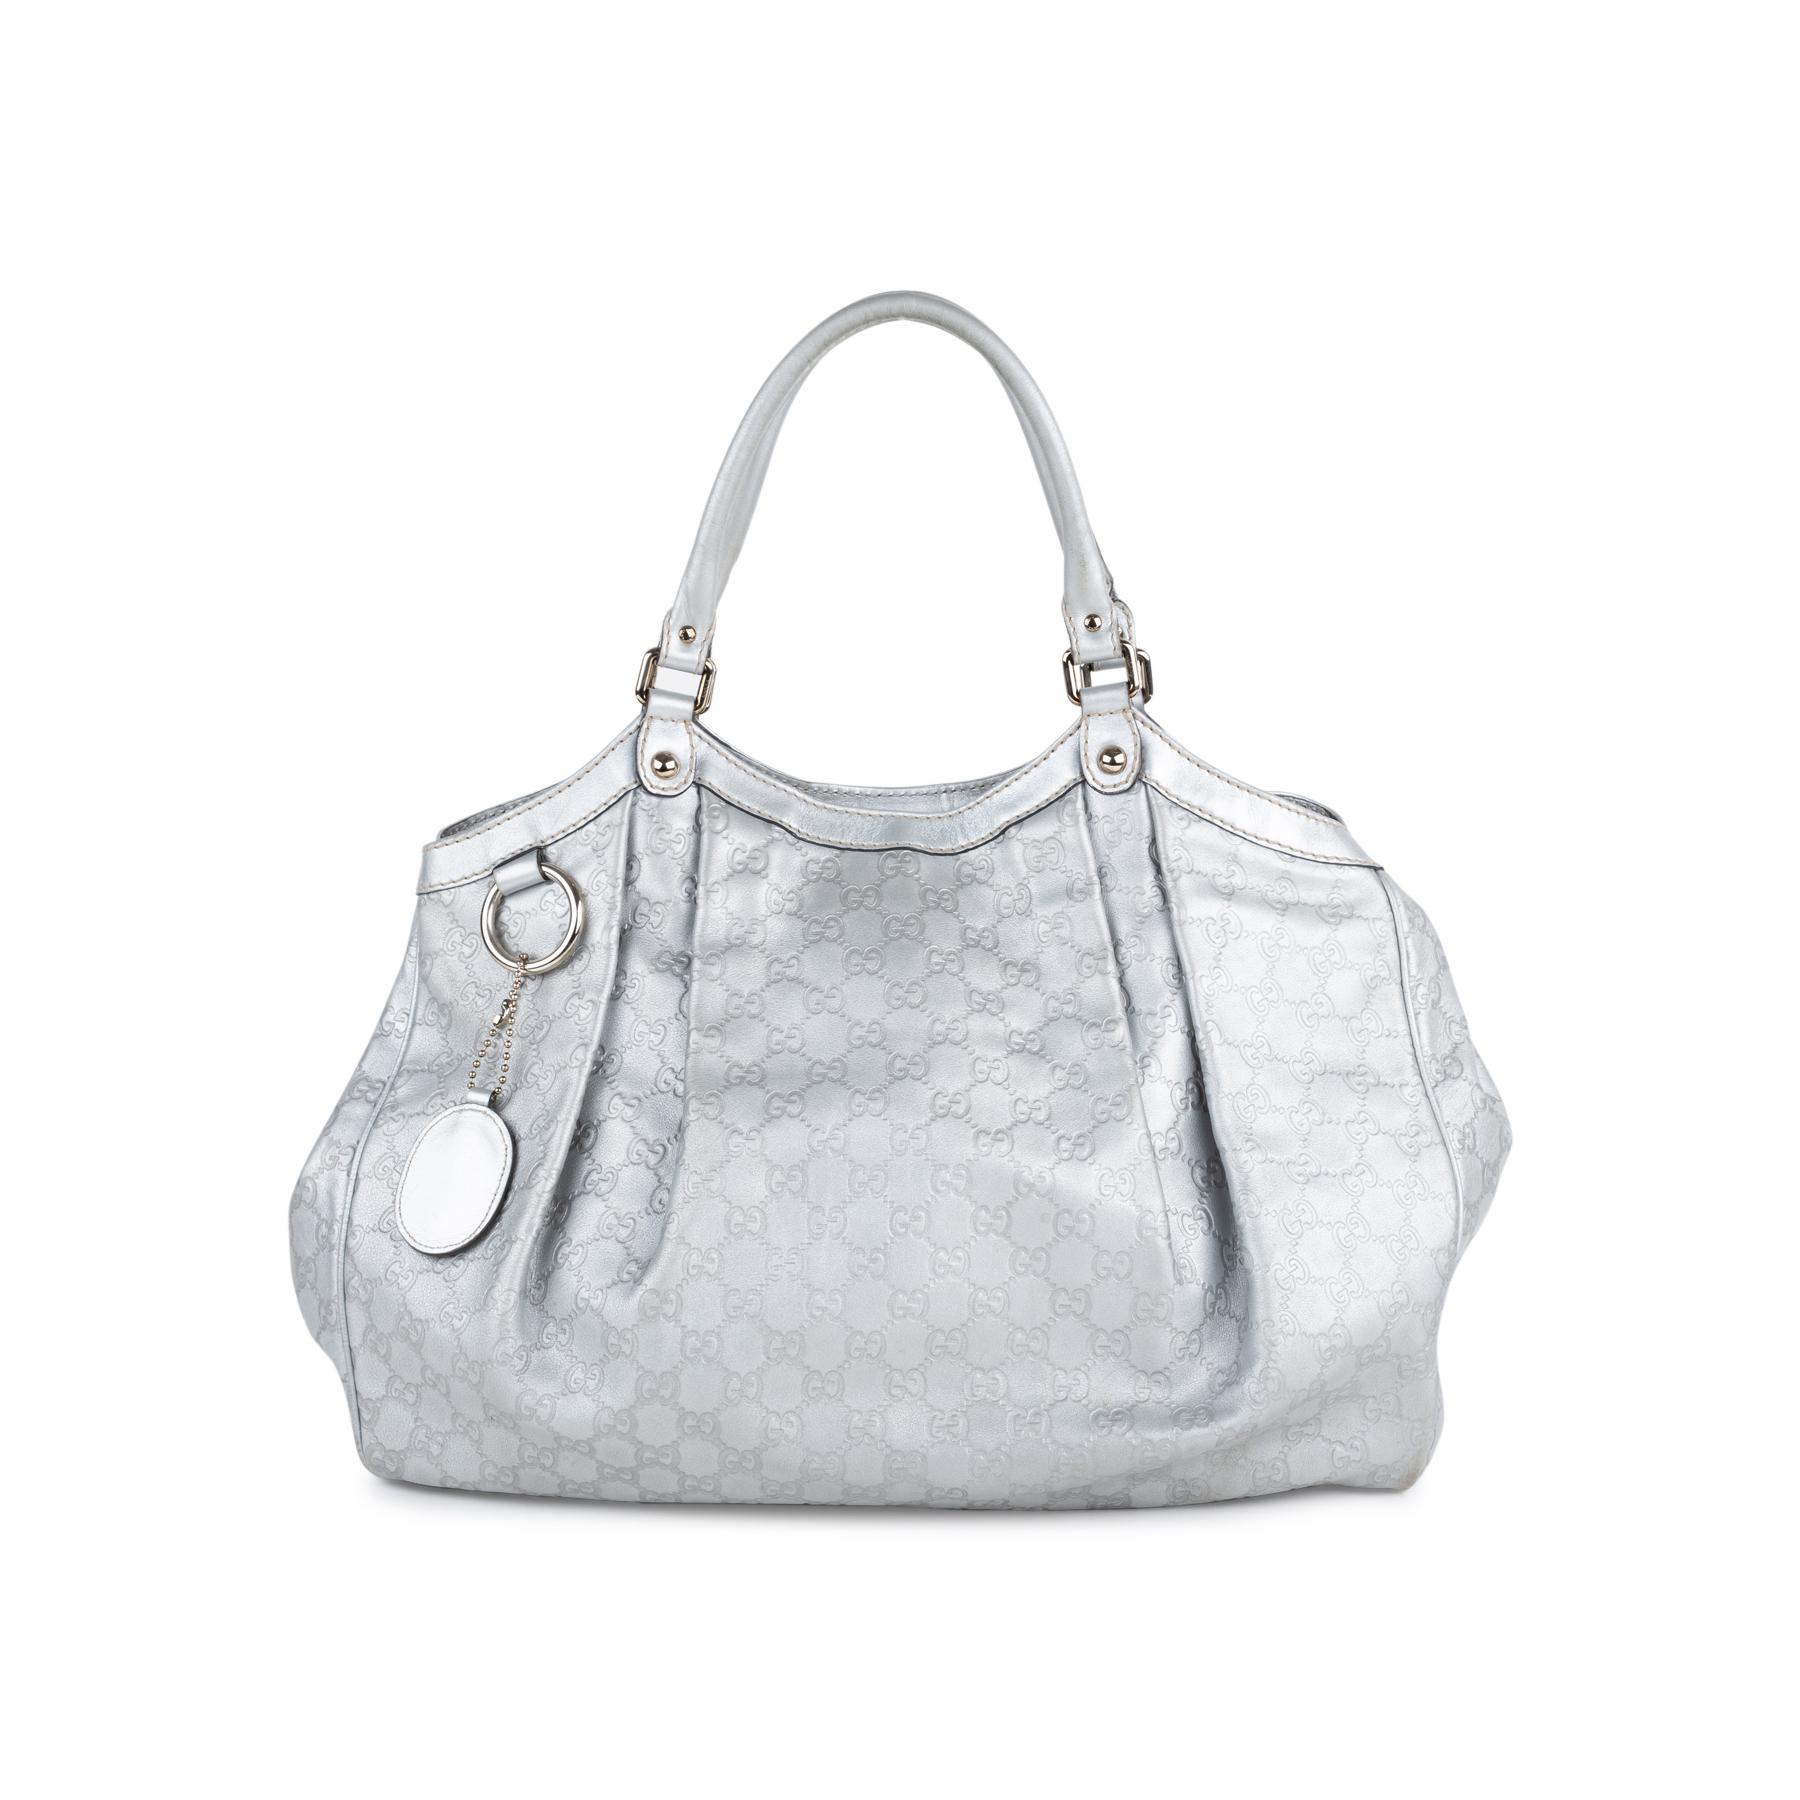 b818253046e Authentic Second Hand Gucci Sukey Guccissima Tote Bag (PSS-552-00024 ...